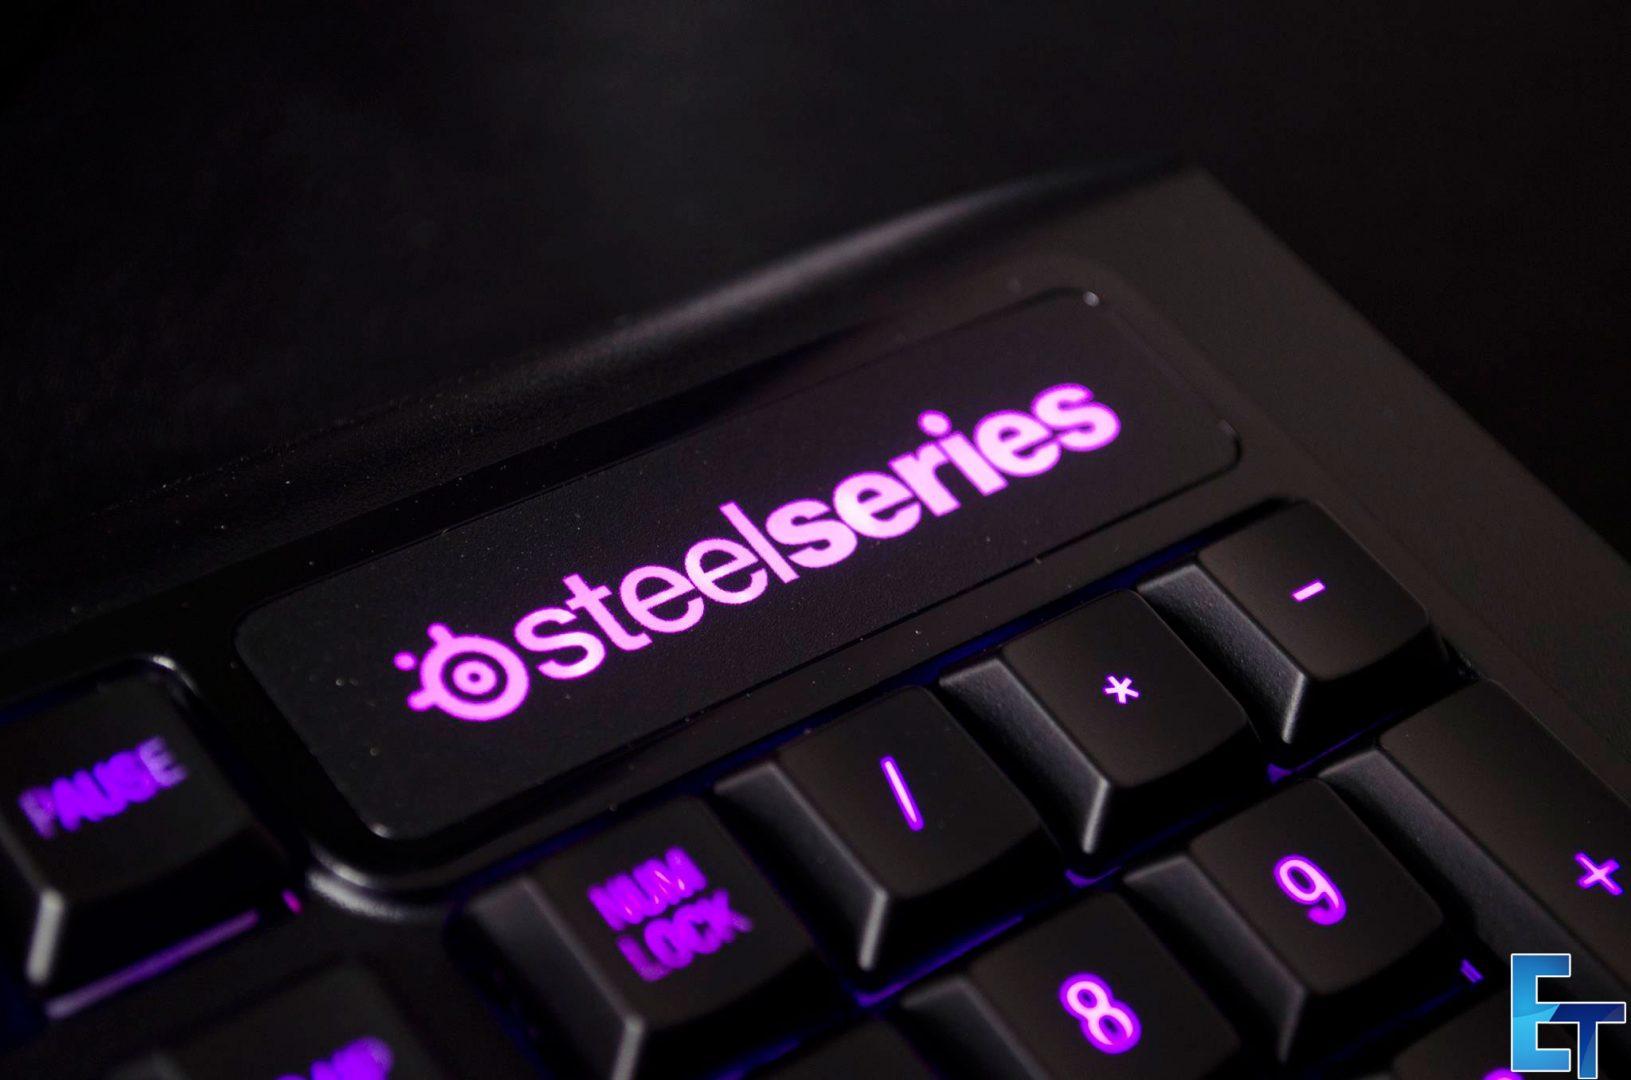 sTEELsERIES-aPEX-m800-mECHANICAL-gAMING-KEYBOARD-rEVIEW_6